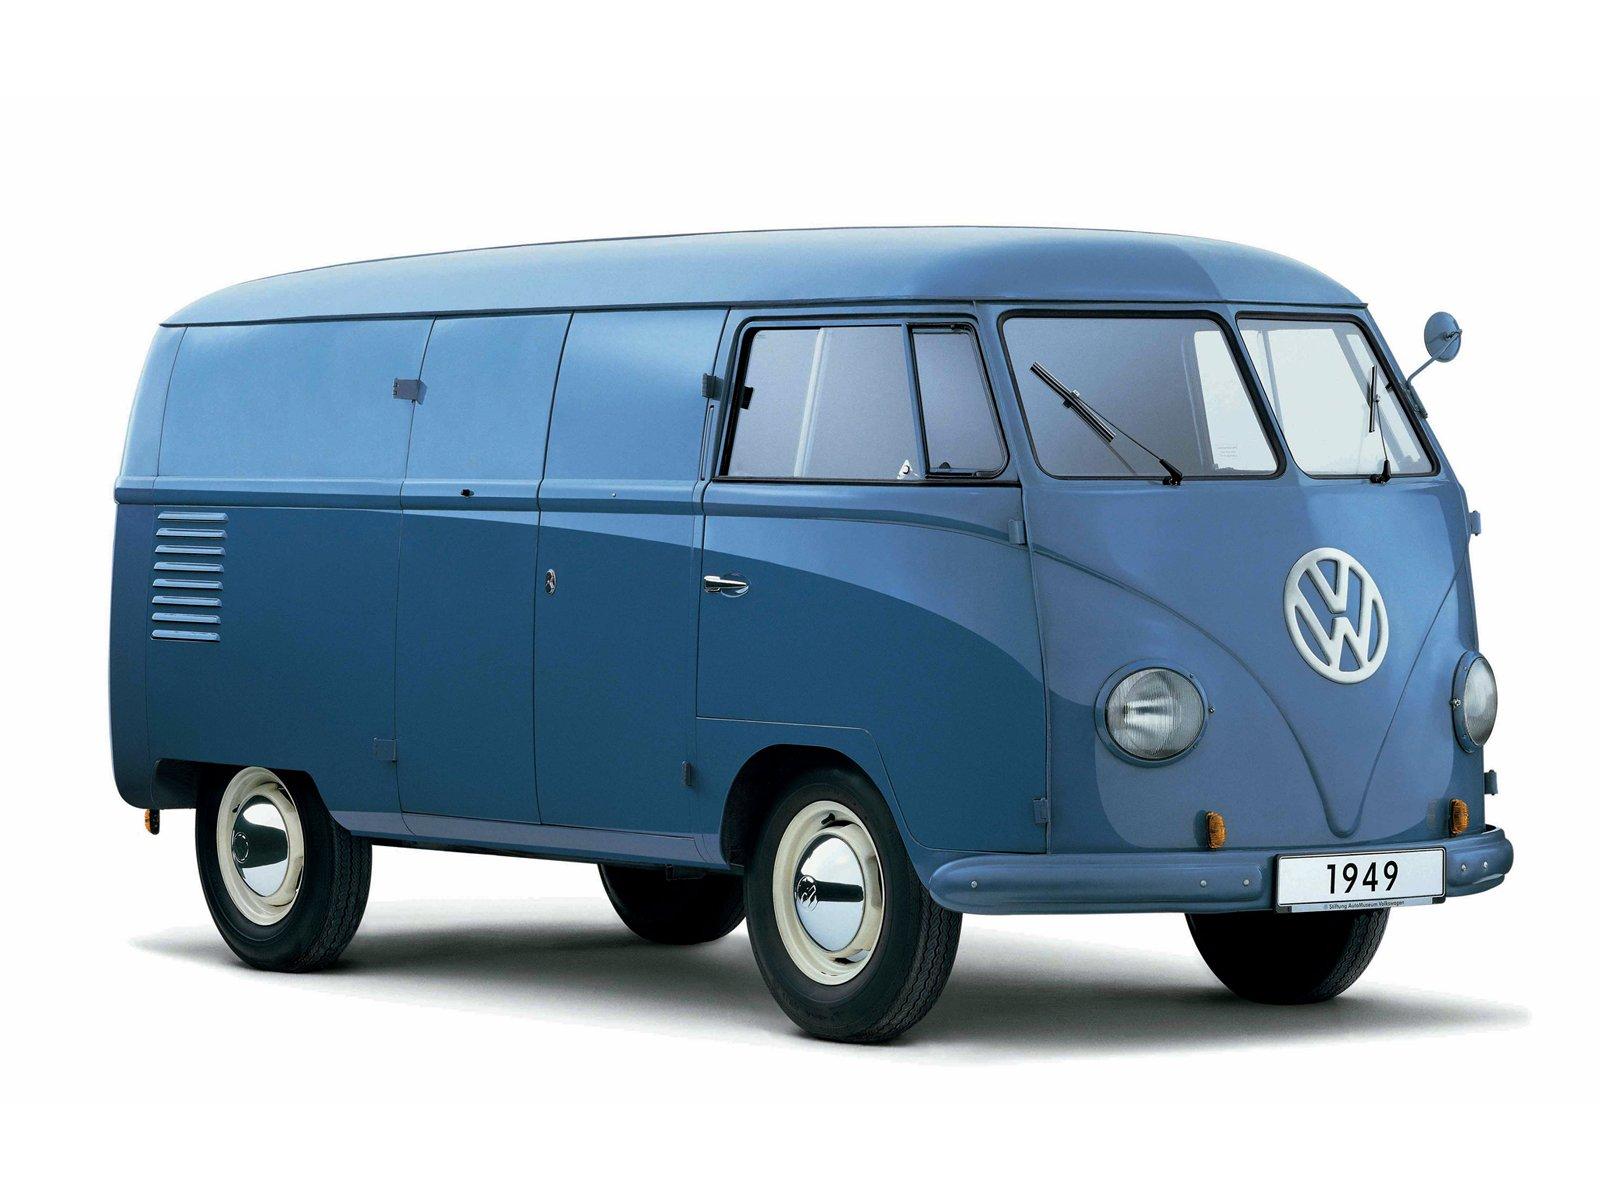 volkswagen t1 combi combi kasten 1950 1955 cars classic wallpaper 1600x1200 826804. Black Bedroom Furniture Sets. Home Design Ideas